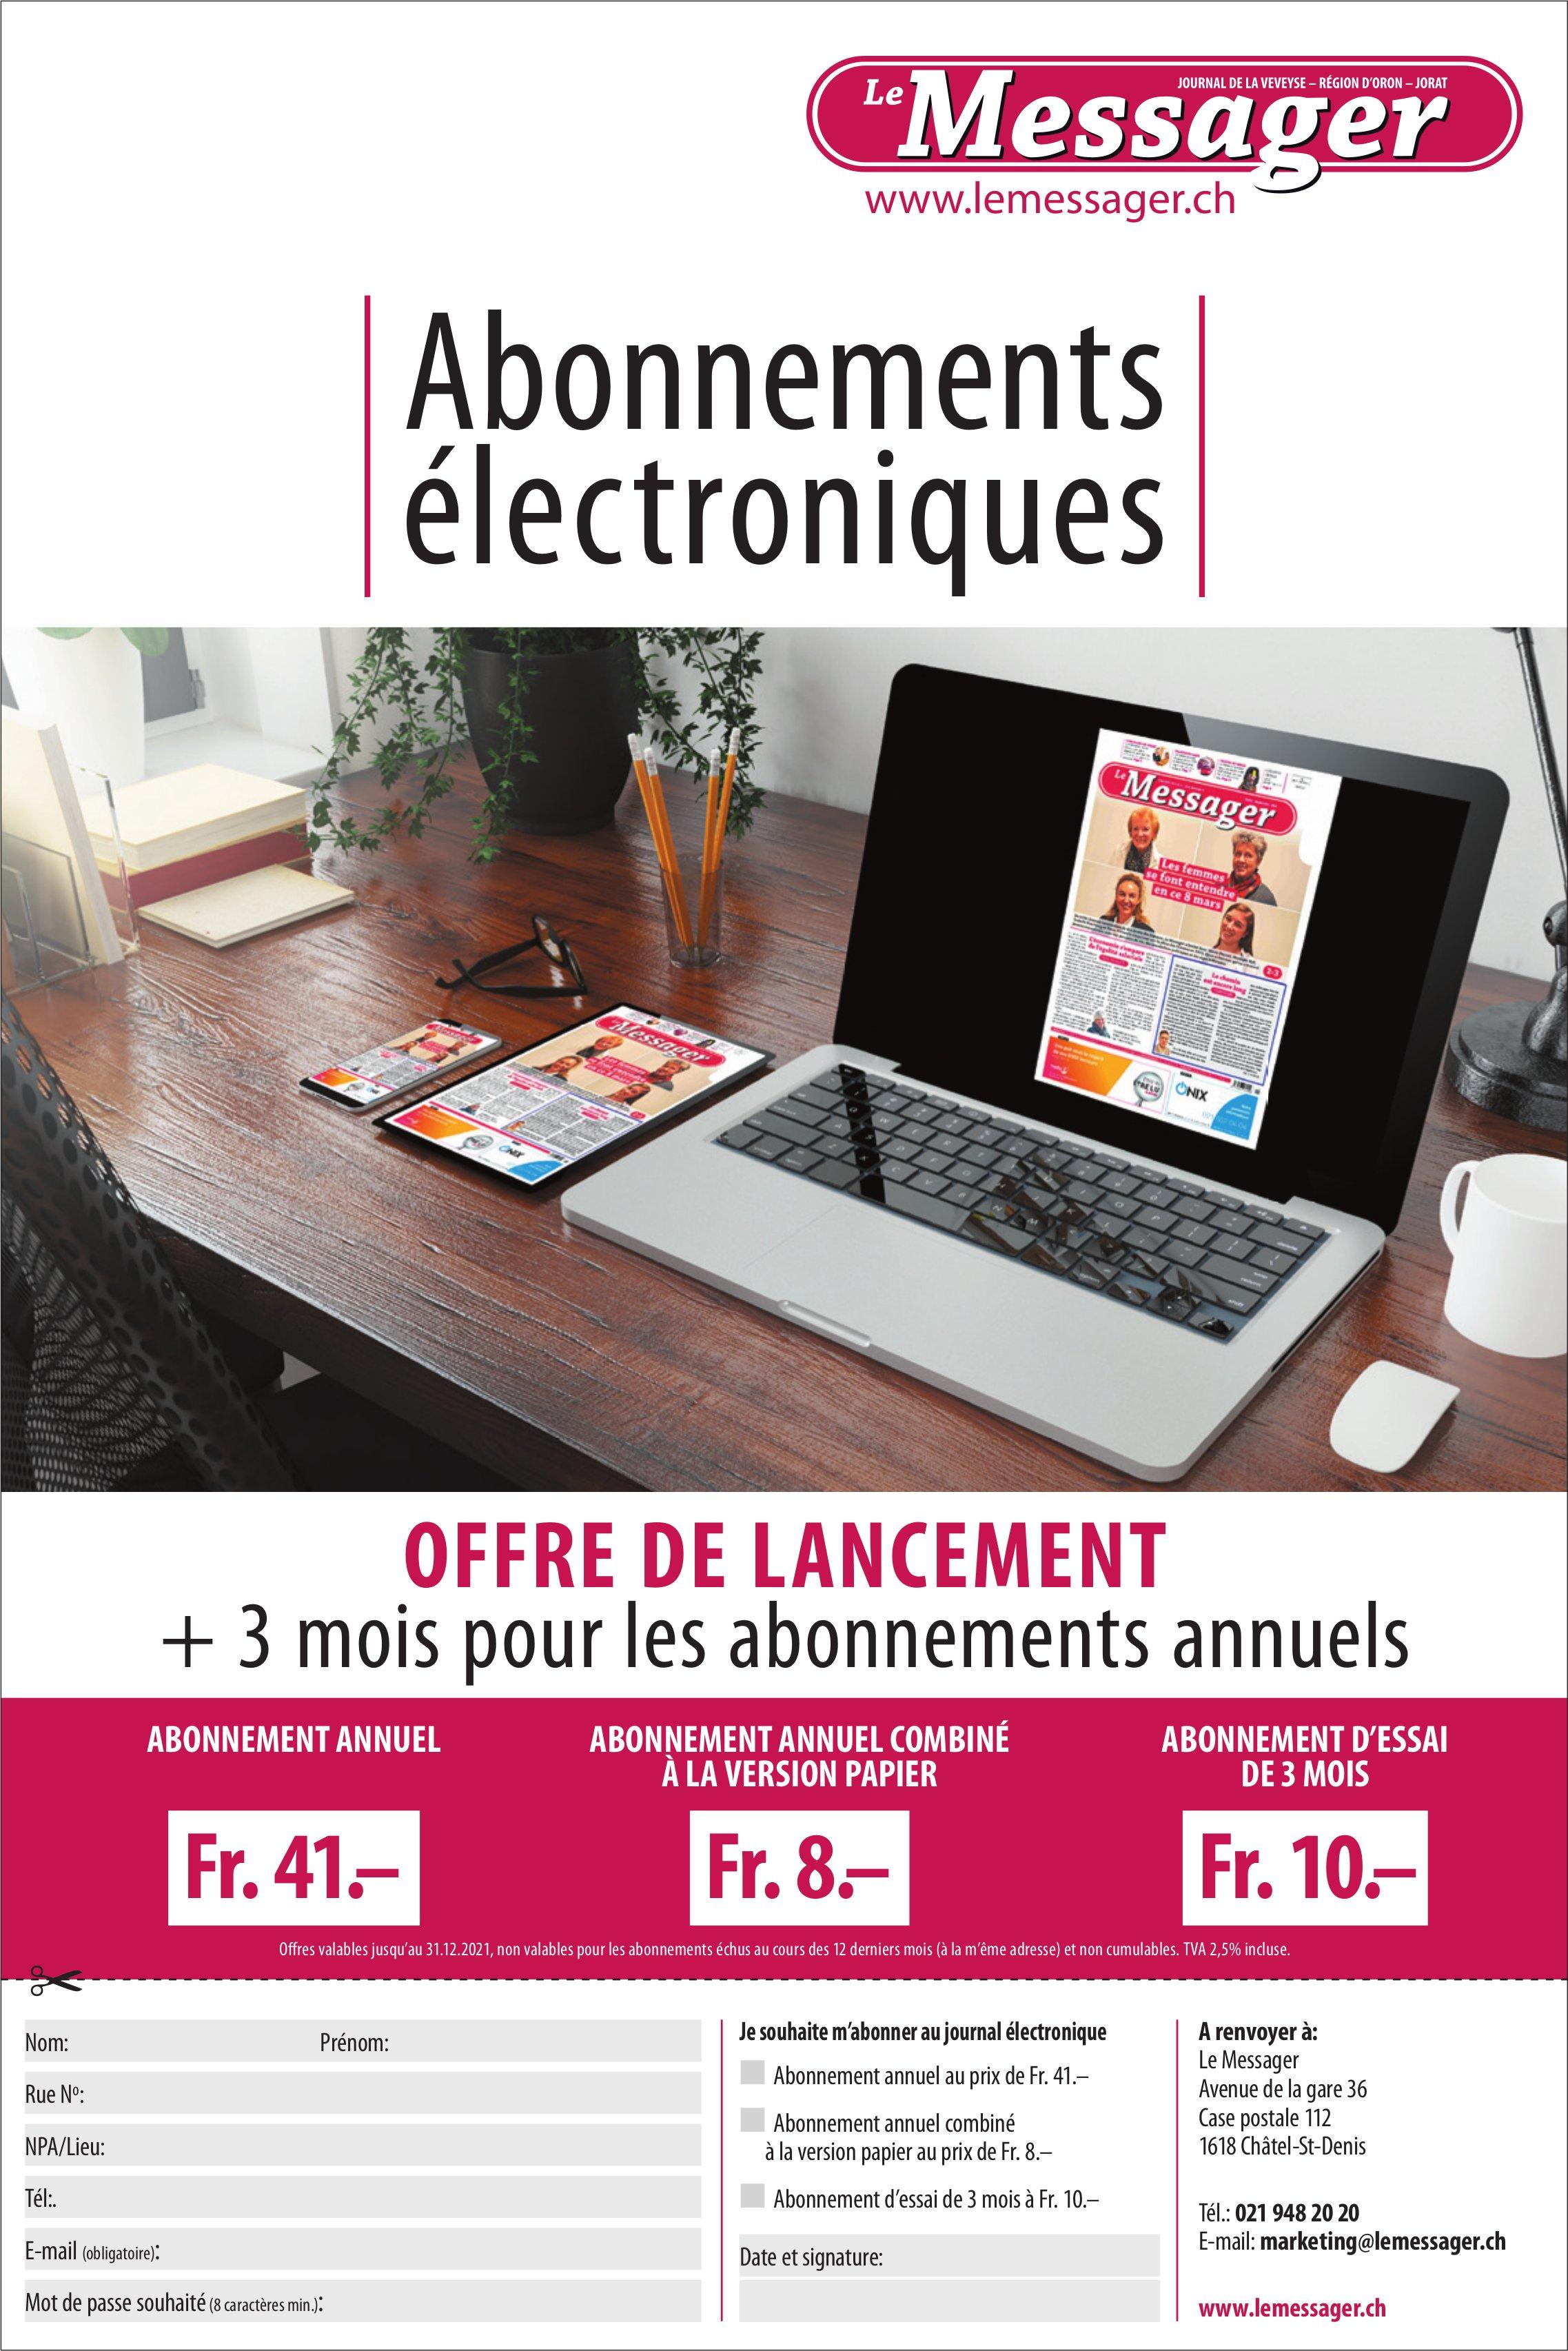 Le Messager -  Abonnements électroniques offre de lancement 3 mois